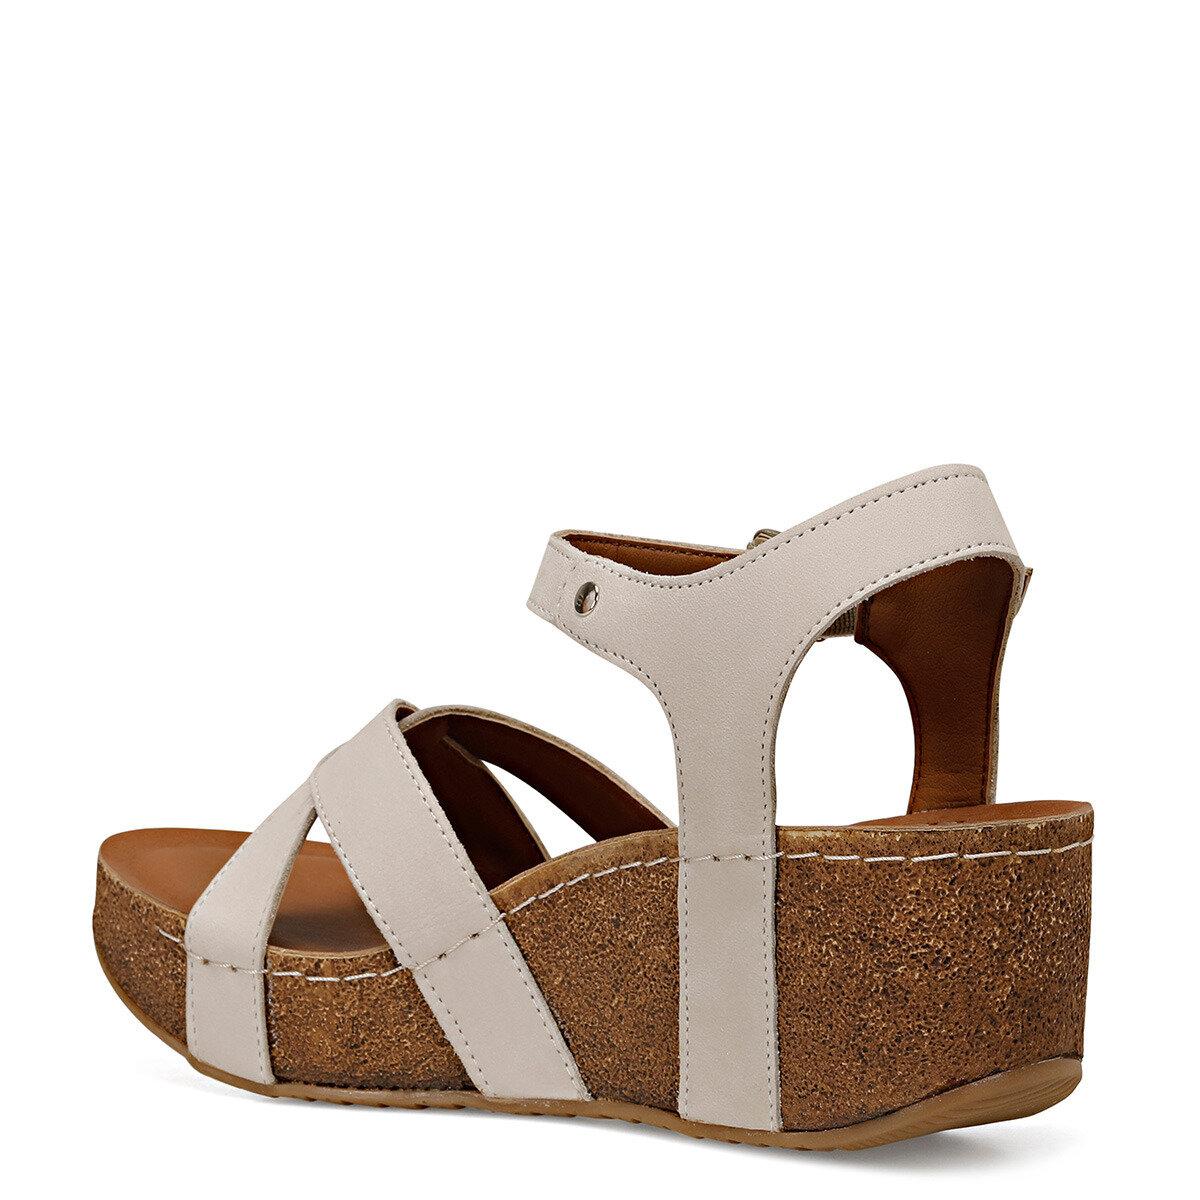 GOYARD KIRIKBEYAZ Kadın Dolgu Topuklu Sandalet